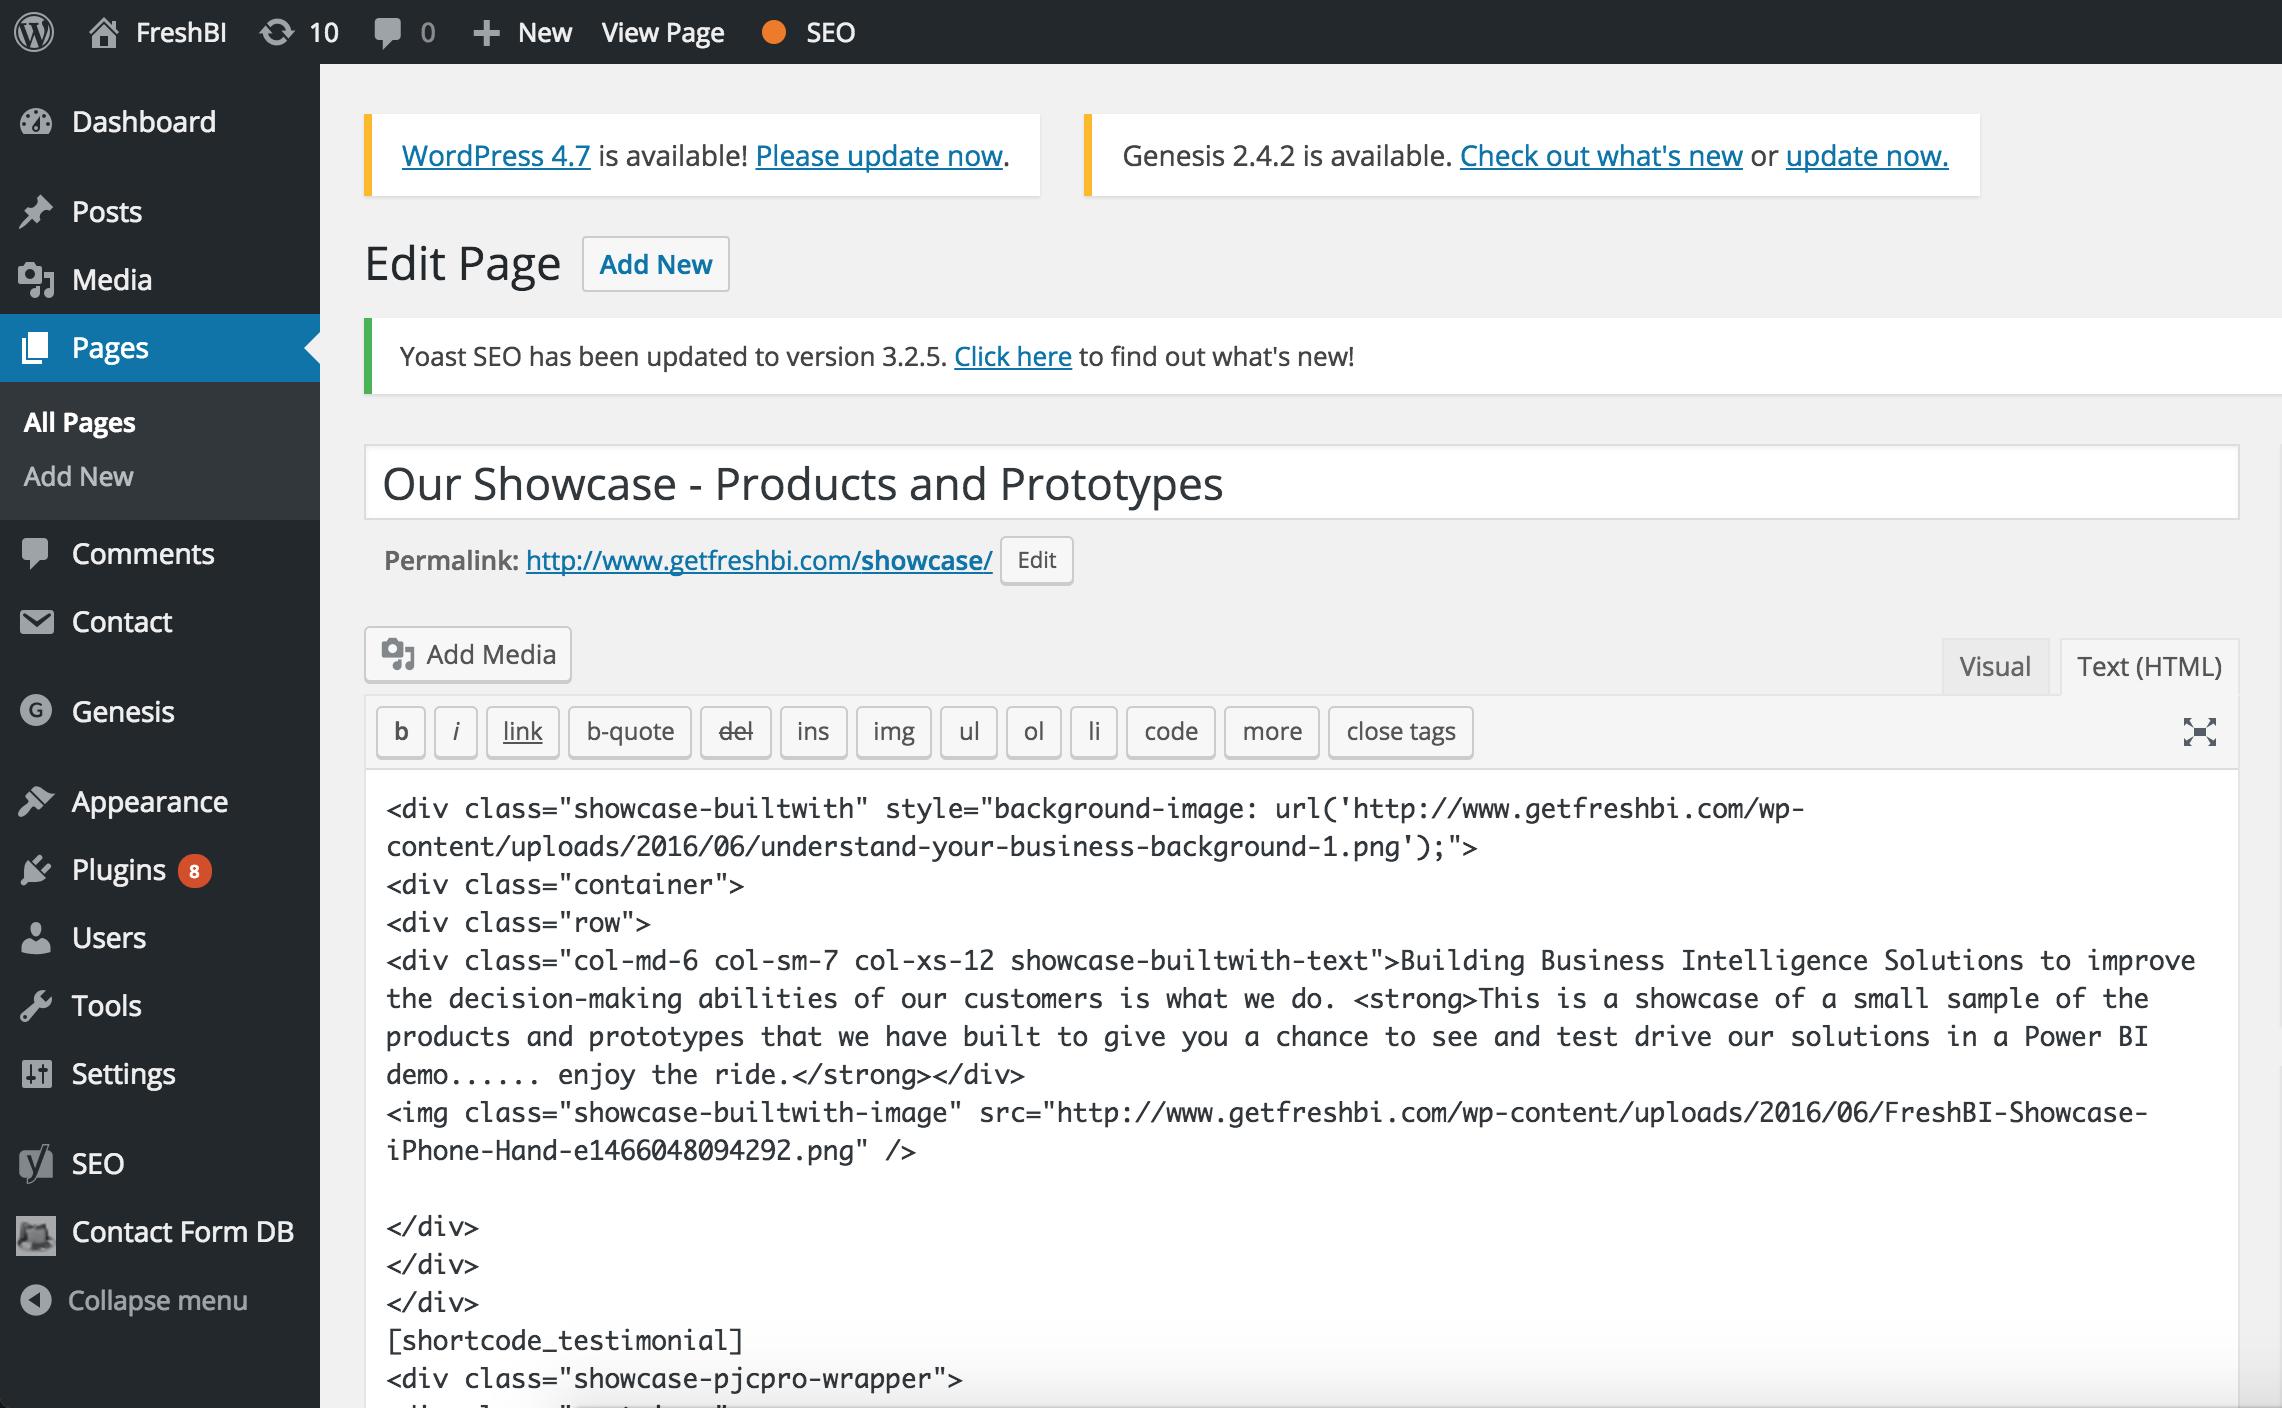 FreshBI - Wordpress